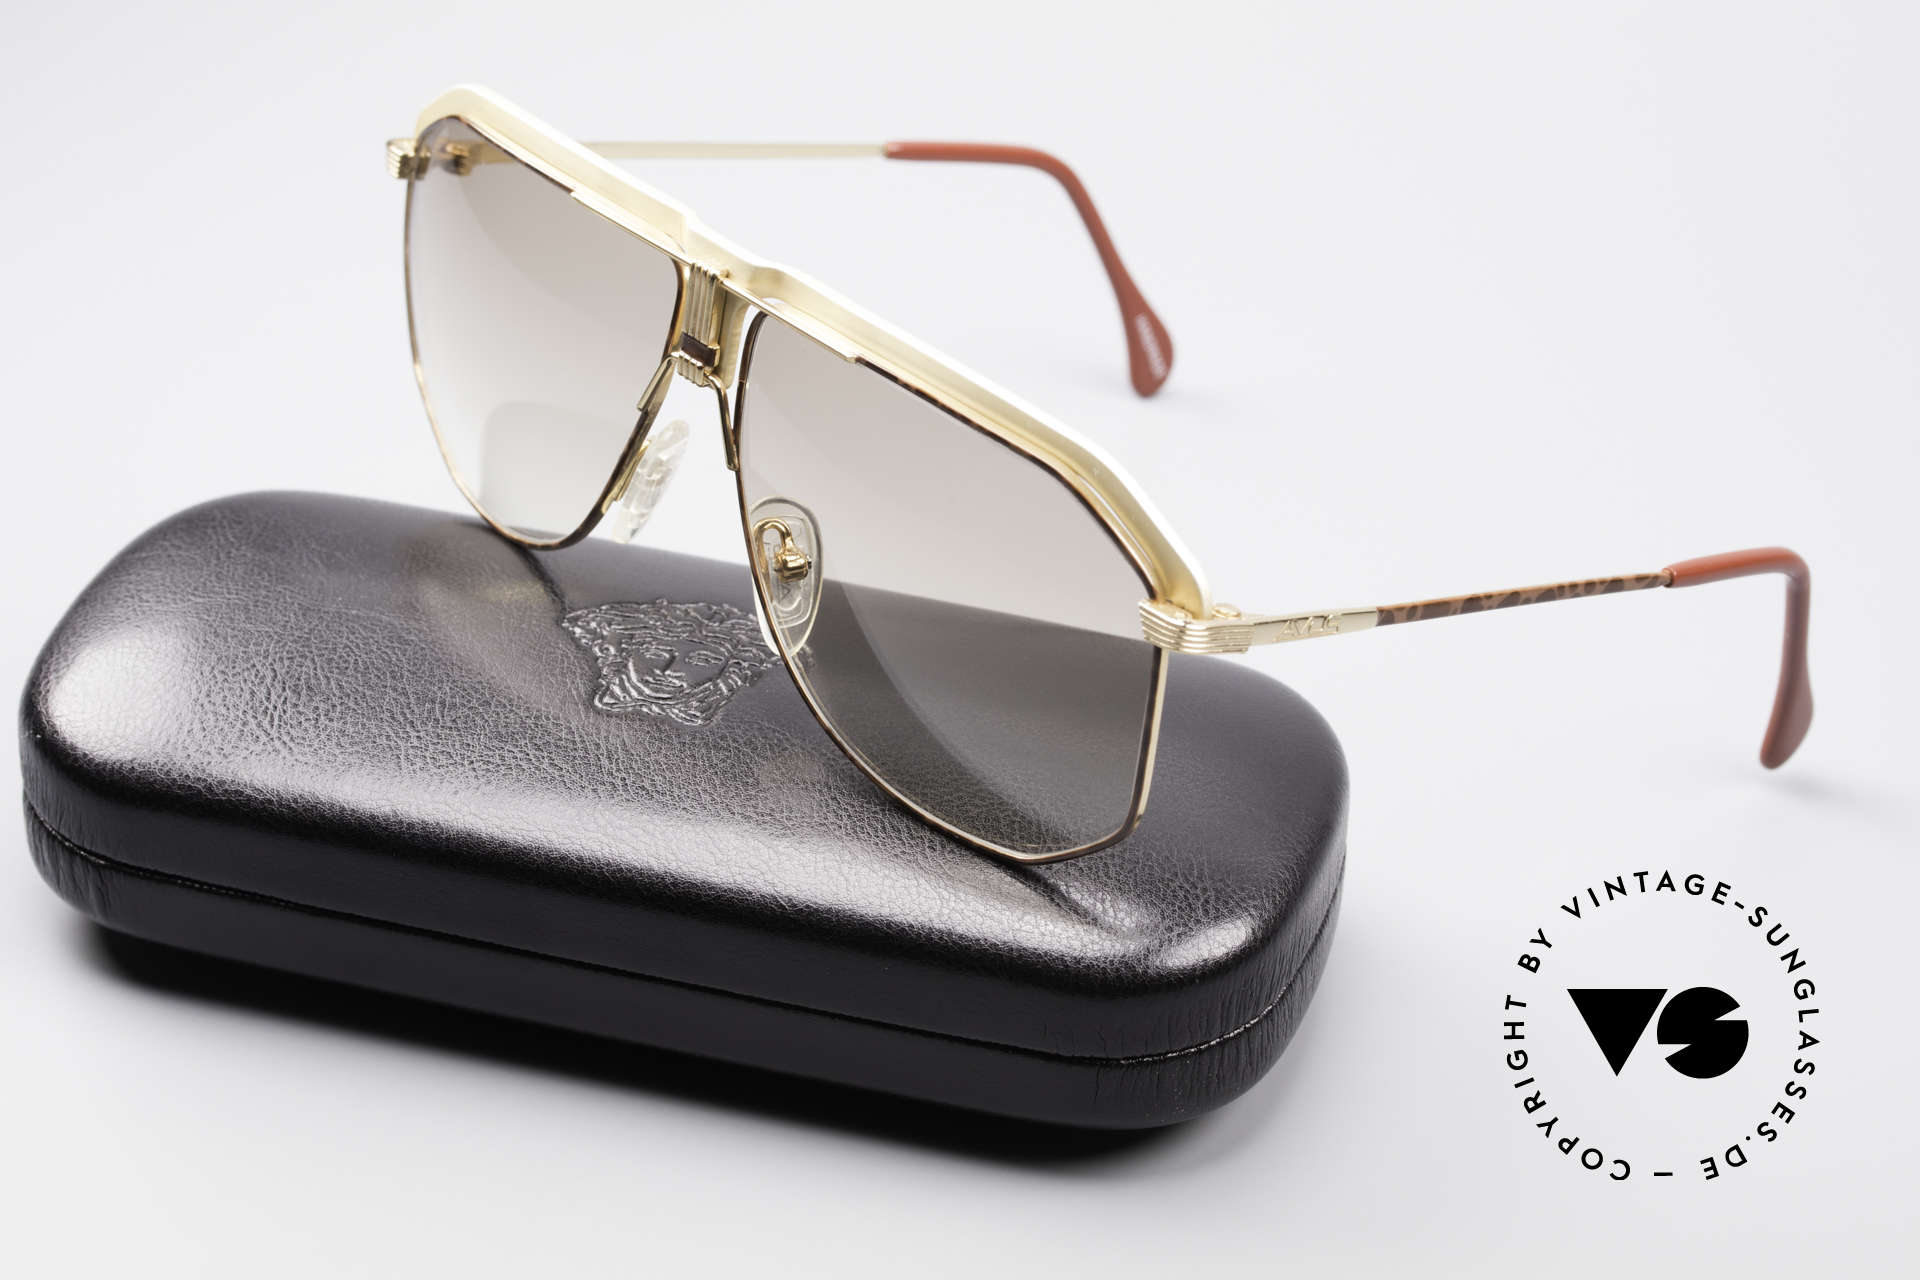 AVUS 2-130 Men's Luxury 80's Shades, never worn (like all our rare 80's AVUS sunglasses), Made for Men